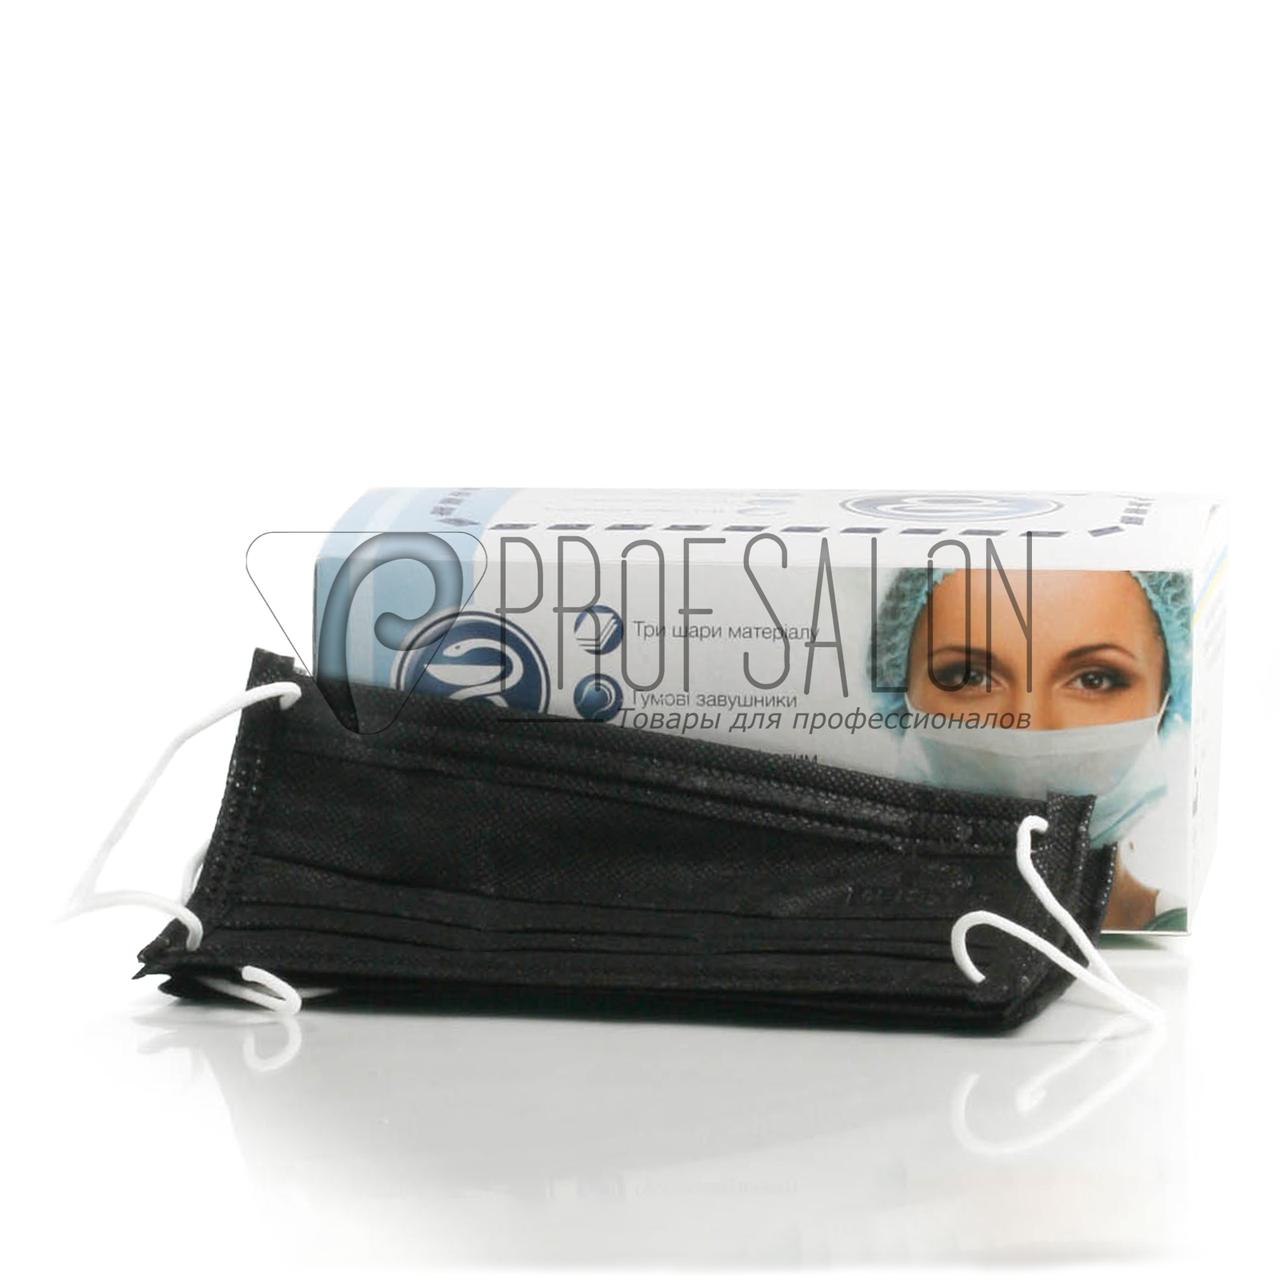 Маска медицинская, 4-х слойные, на резинке, с гибким носовым фиксатором, в упаковке 40 шт, Черные